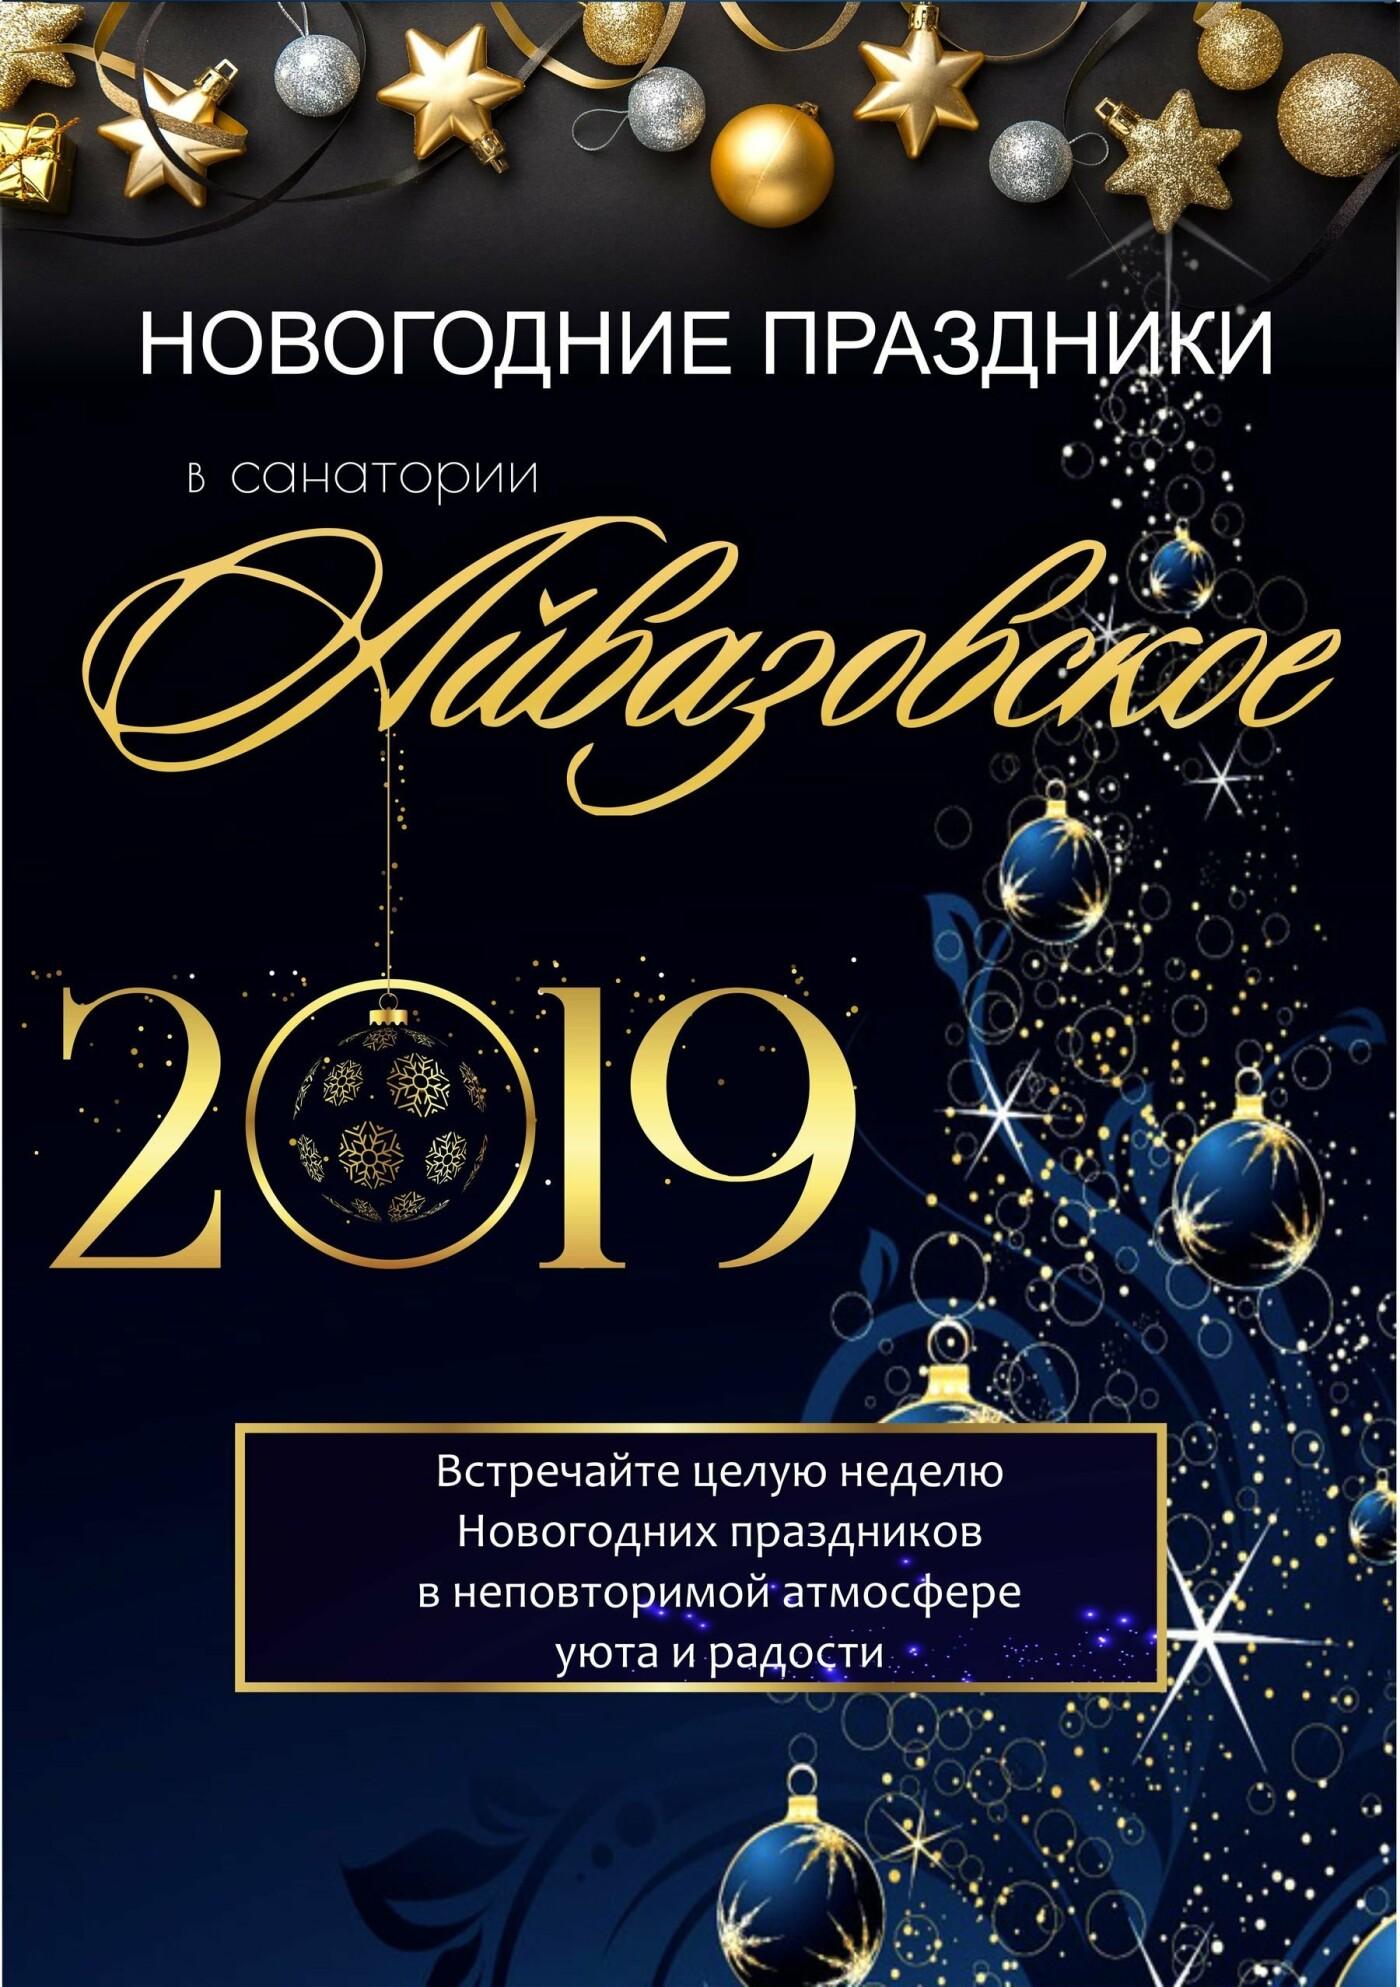 Встречайте Новый год-2019 всей семьей в санатории «Айвазовское»!, фото-1